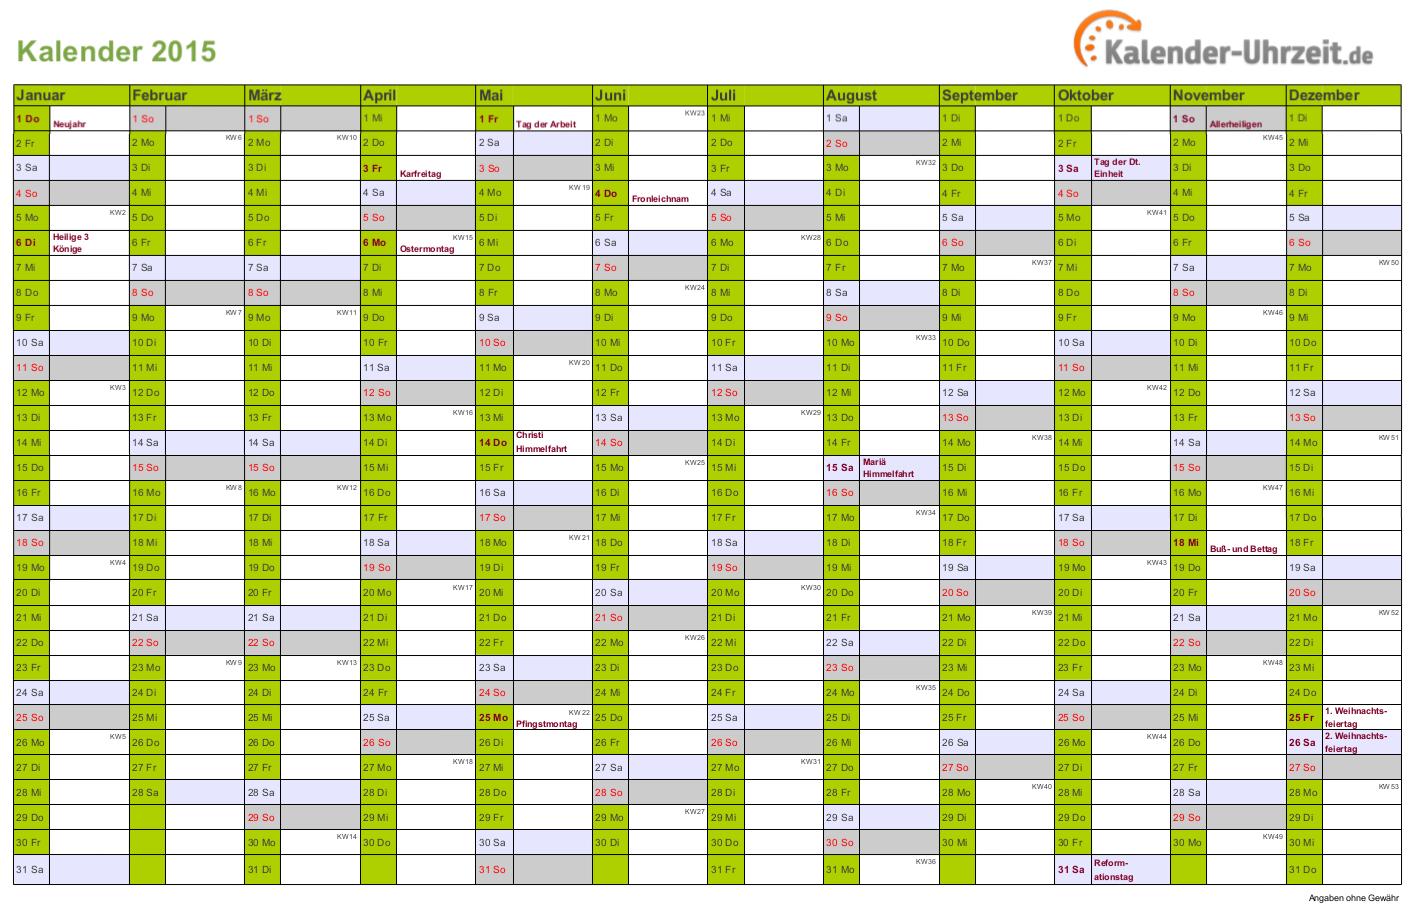 Kalender 2015 In Grun A4 Querformat Einseitig Kaluhr Kalender 2016 Kalender Kalender Feiertage